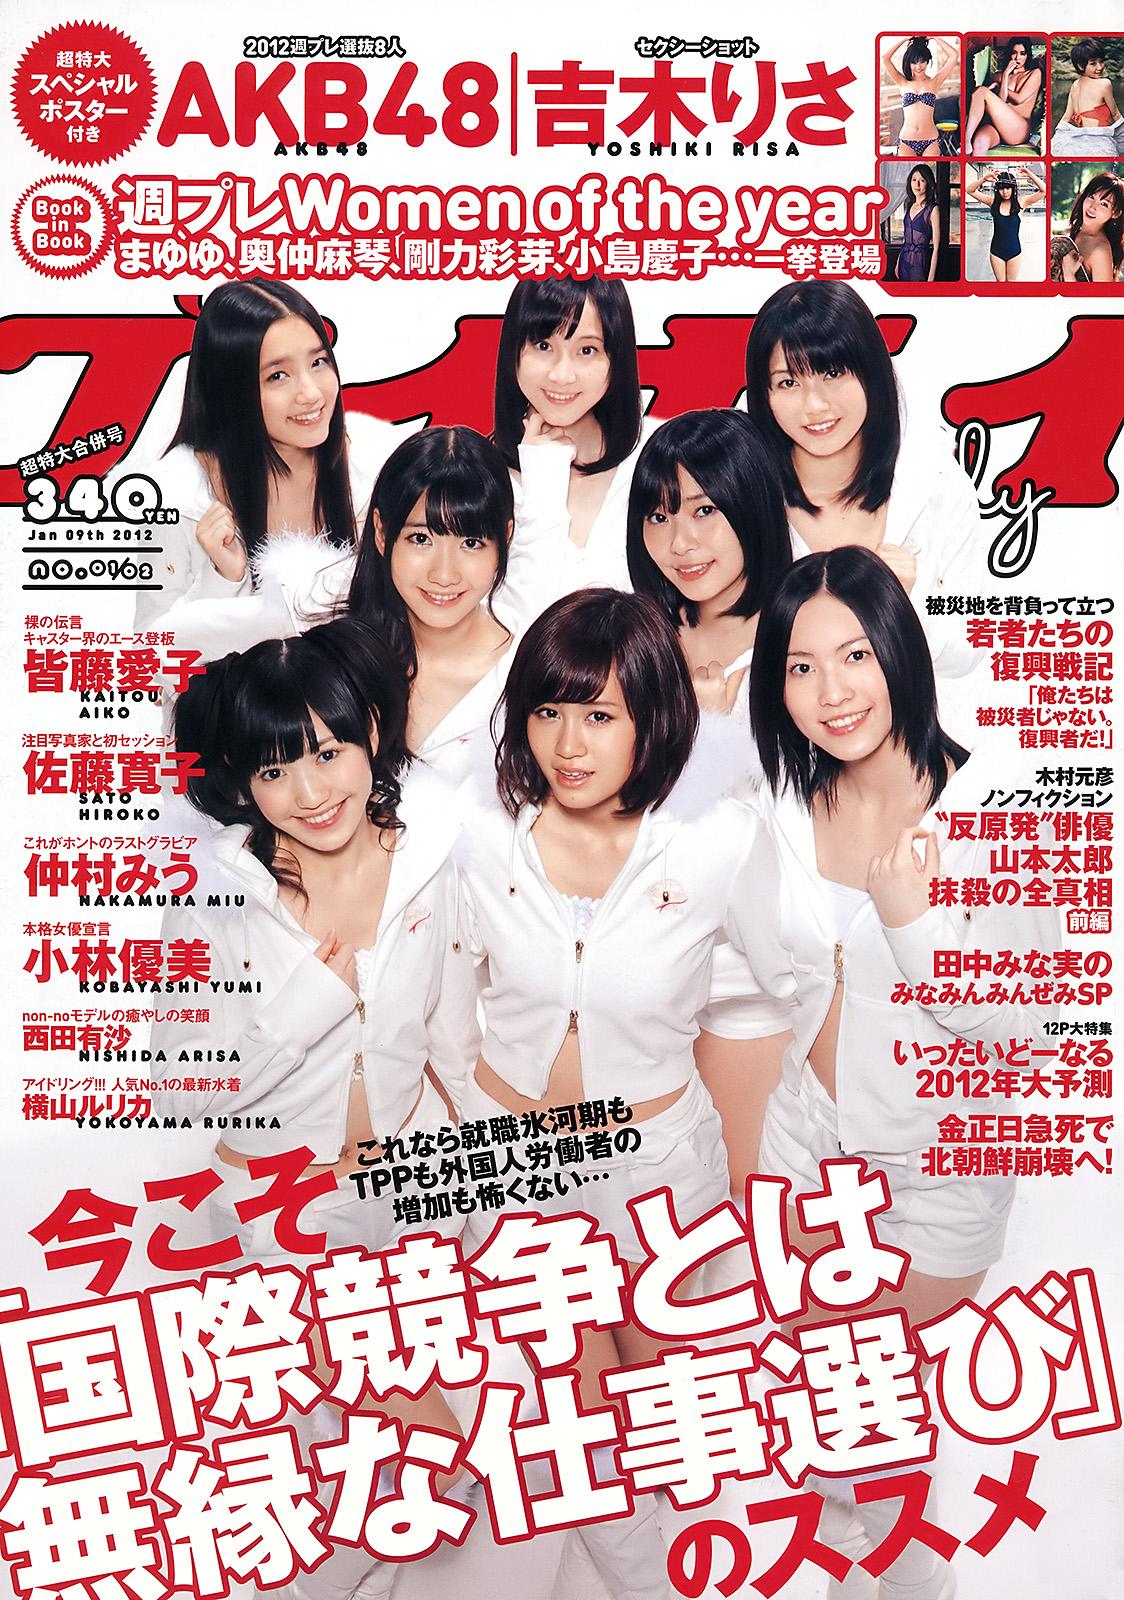 20151024.03.16 Weekly Playboy (2012.01-02) 001 (JPOP.ru).jpg